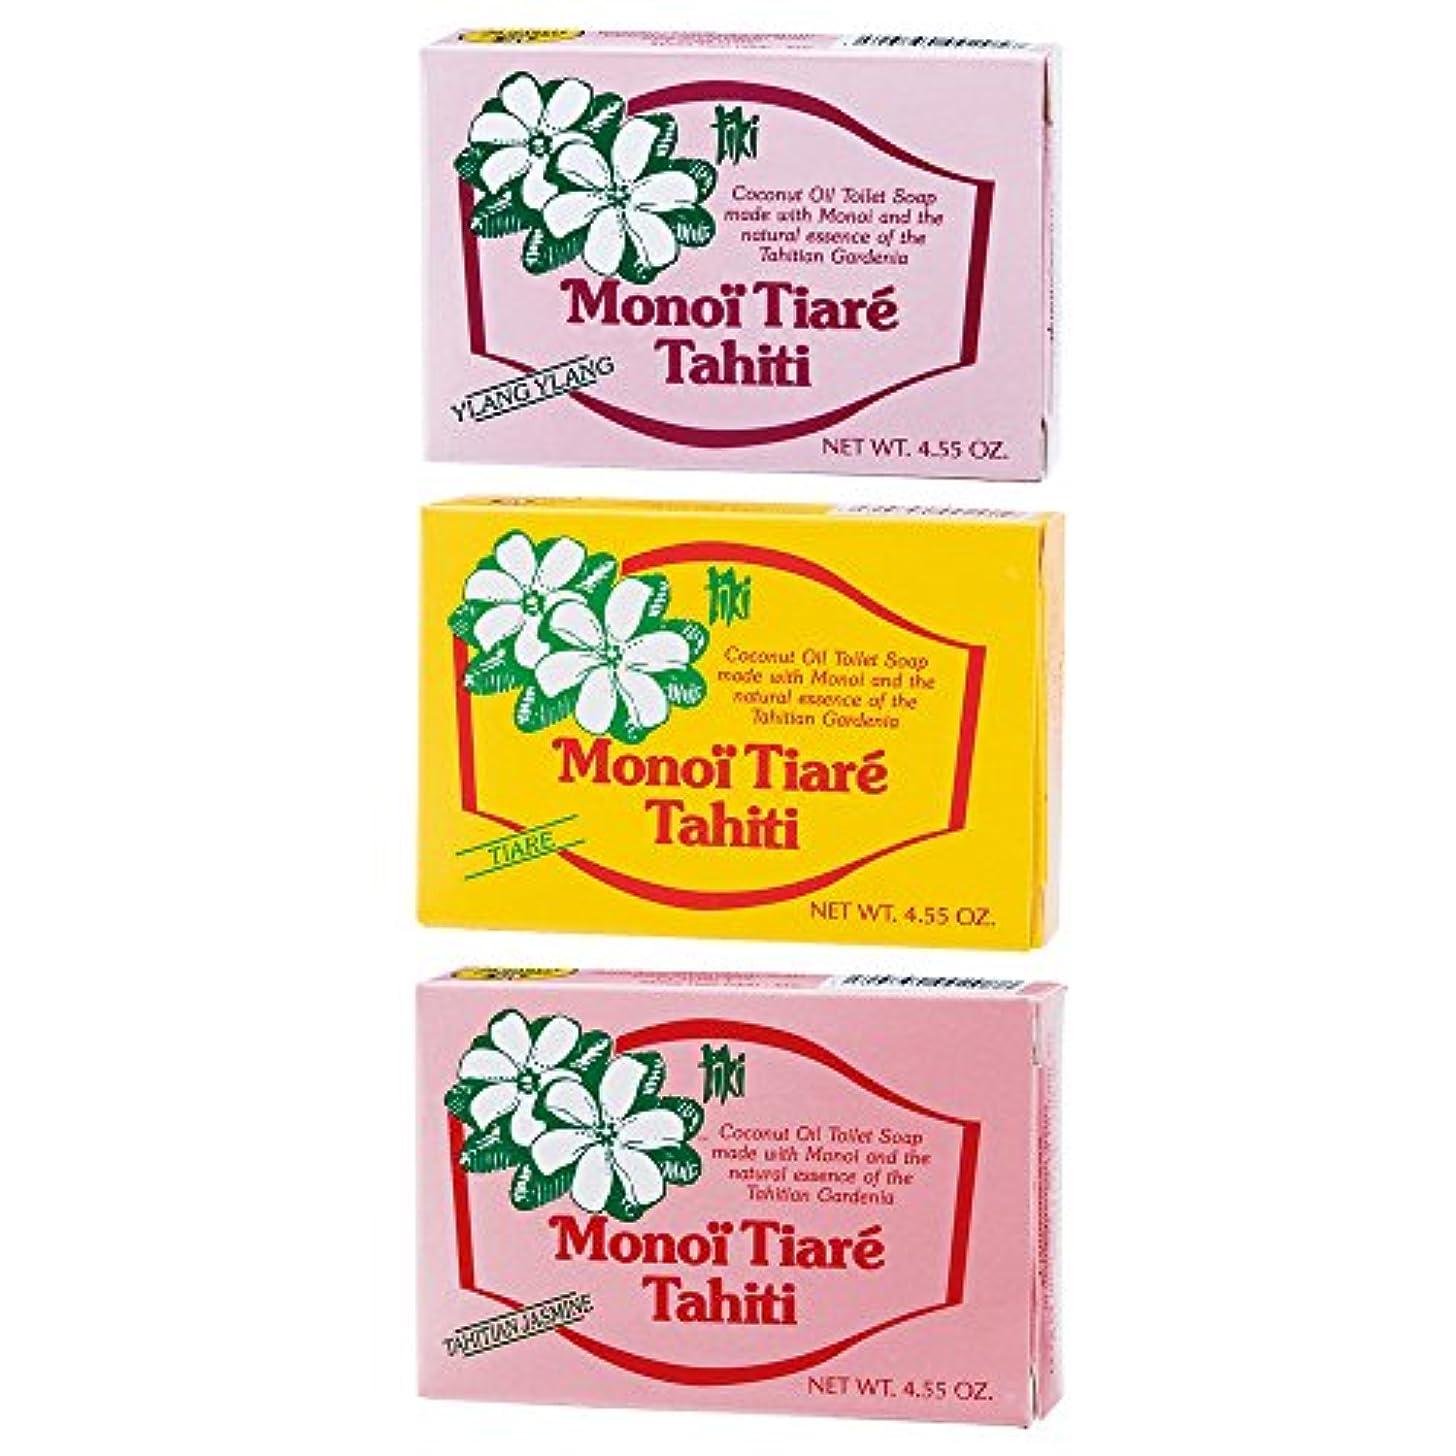 タヒチお土産 タヒチ モノイティアレ 石けん 3種セット